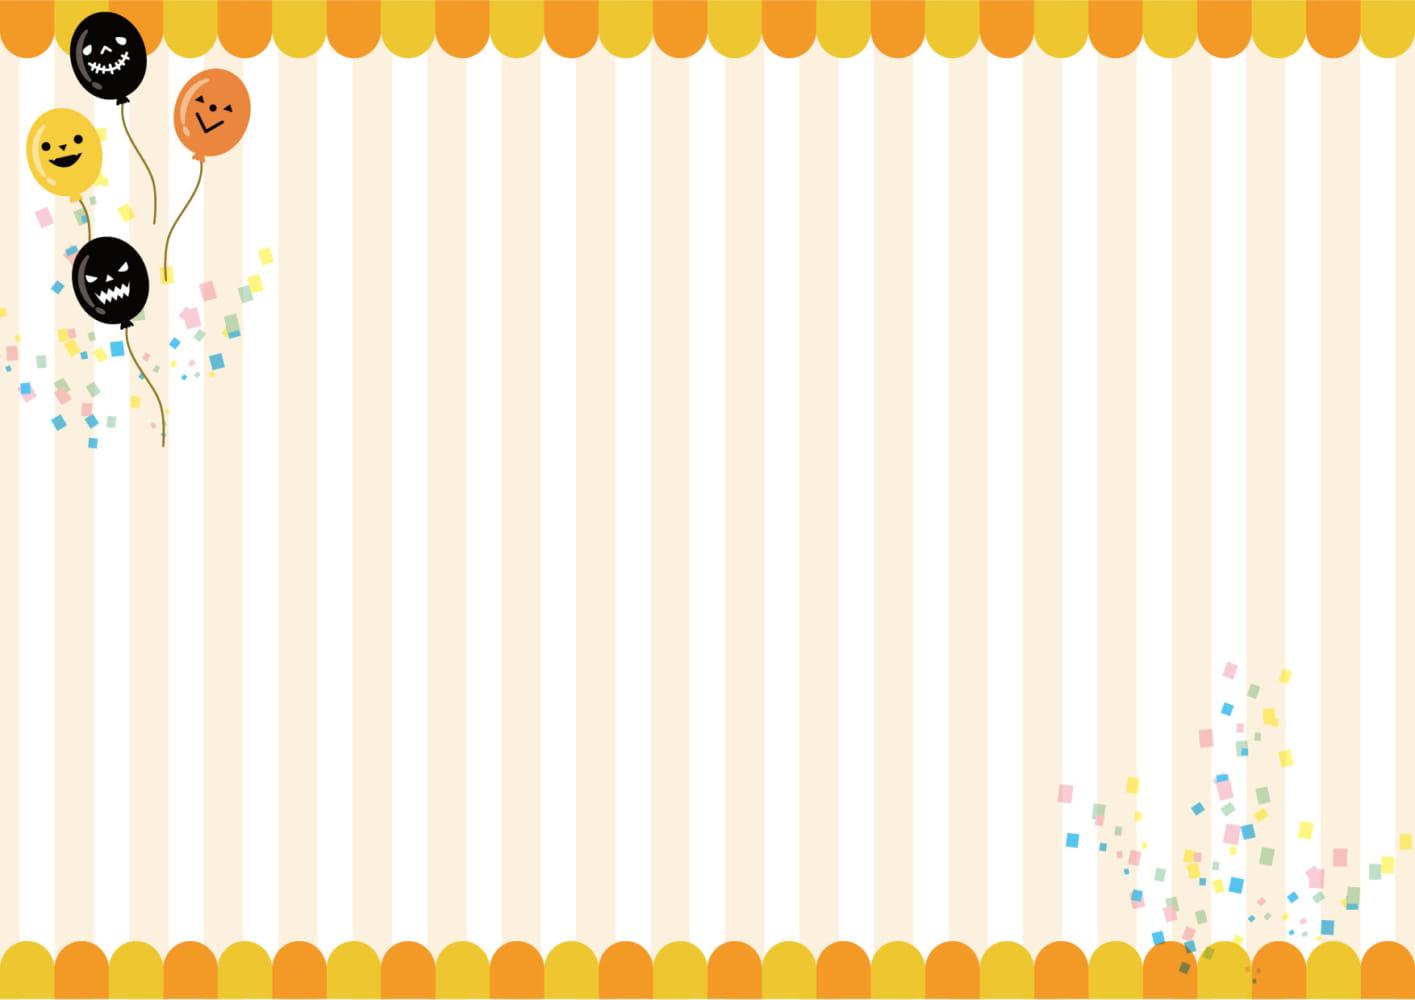 可爱カラフル かわいい イラスト 背景图案 可爱い 背景   www.thetupian